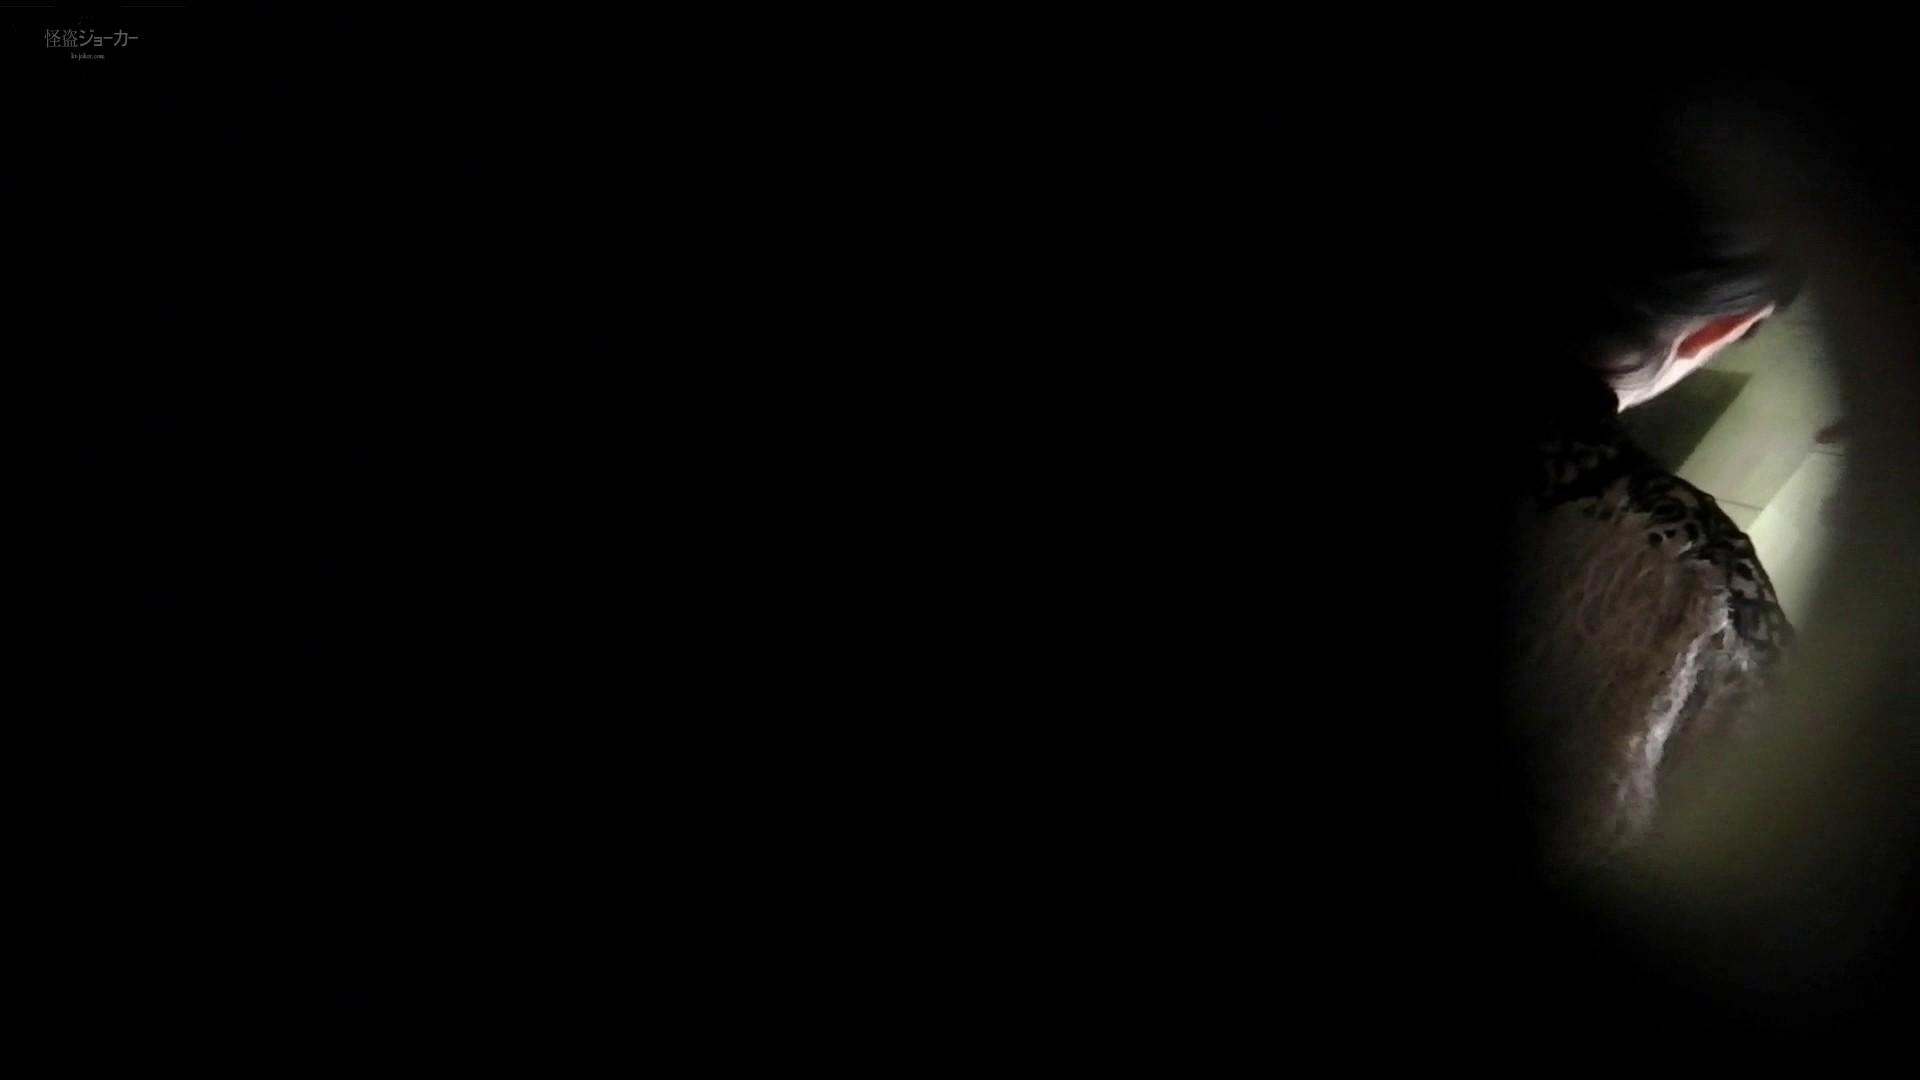 ステーション編 vol.25 必見桜庭みなみ?似 登場! お姉さん攻略 AV動画キャプチャ 110画像 16